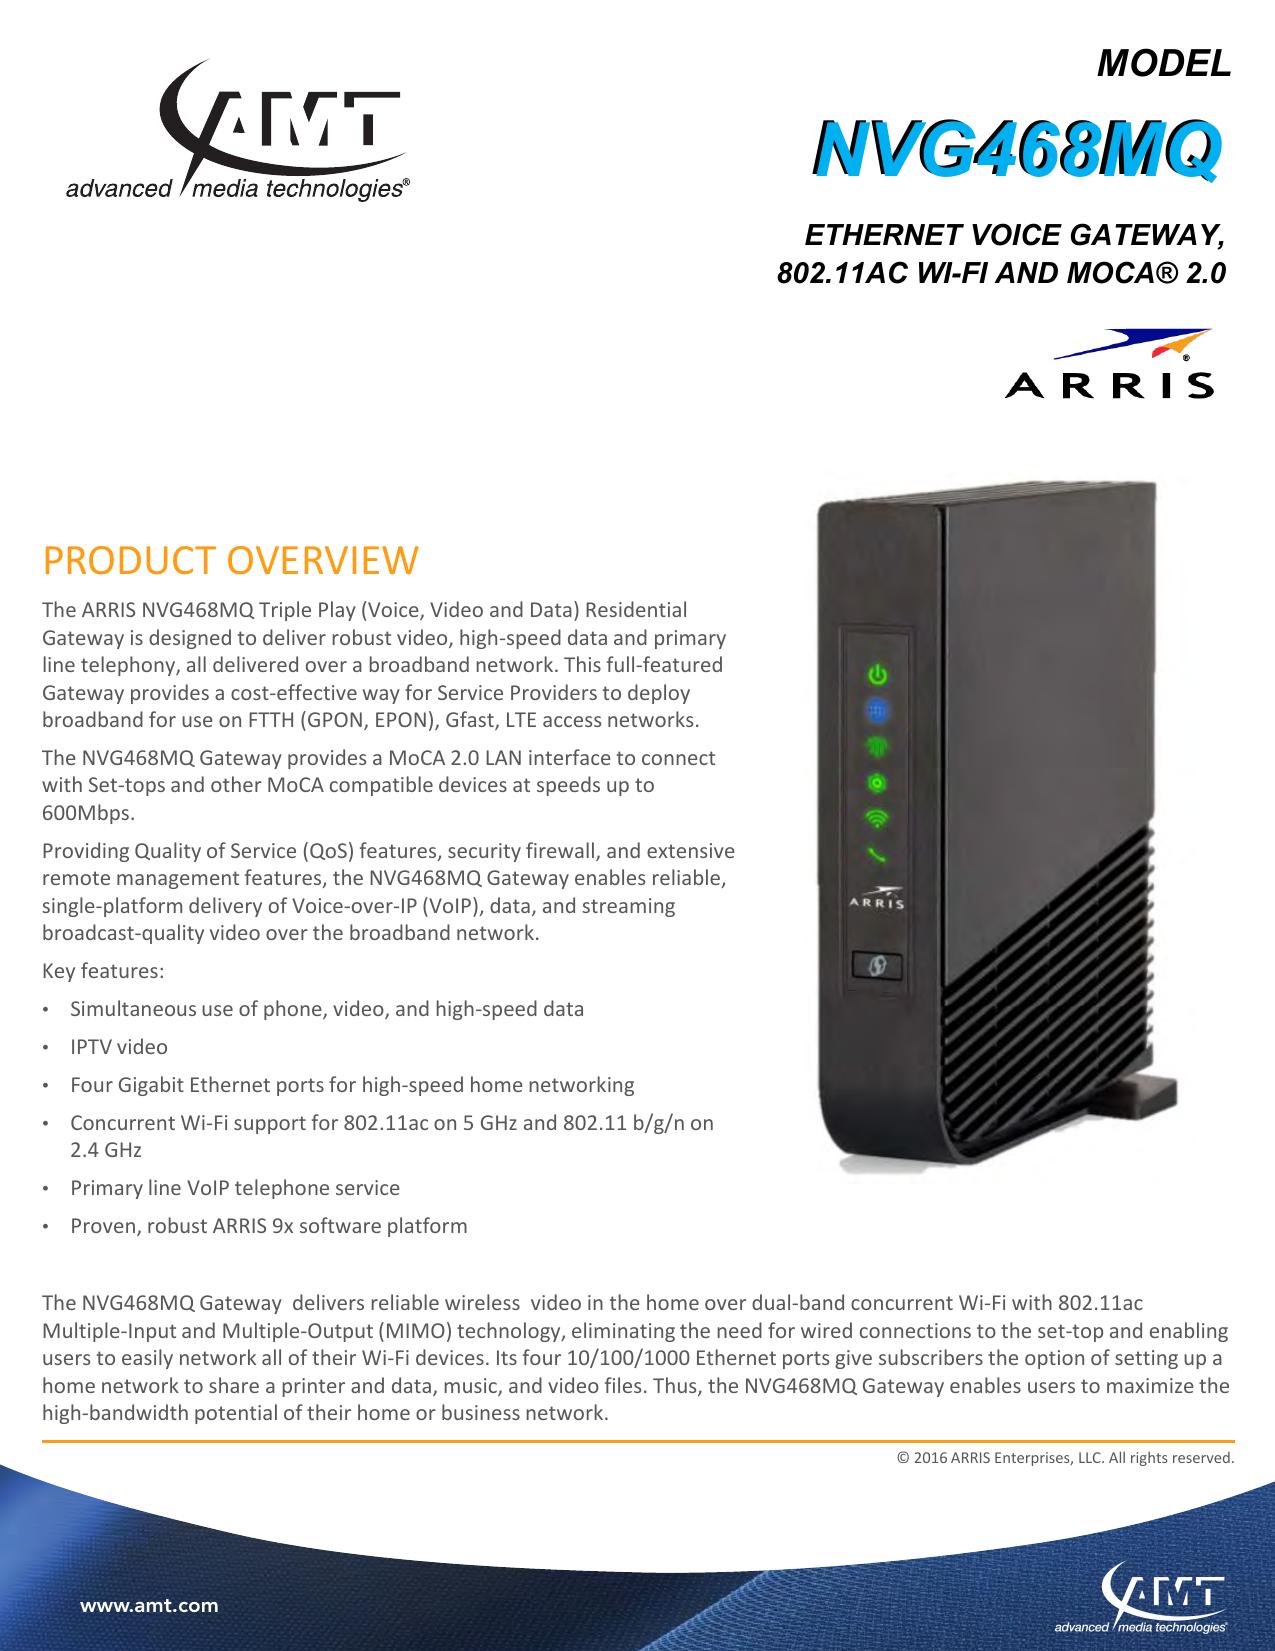 ARRIS NVG468MQ Ethernet Voice Gateway | manualzz com